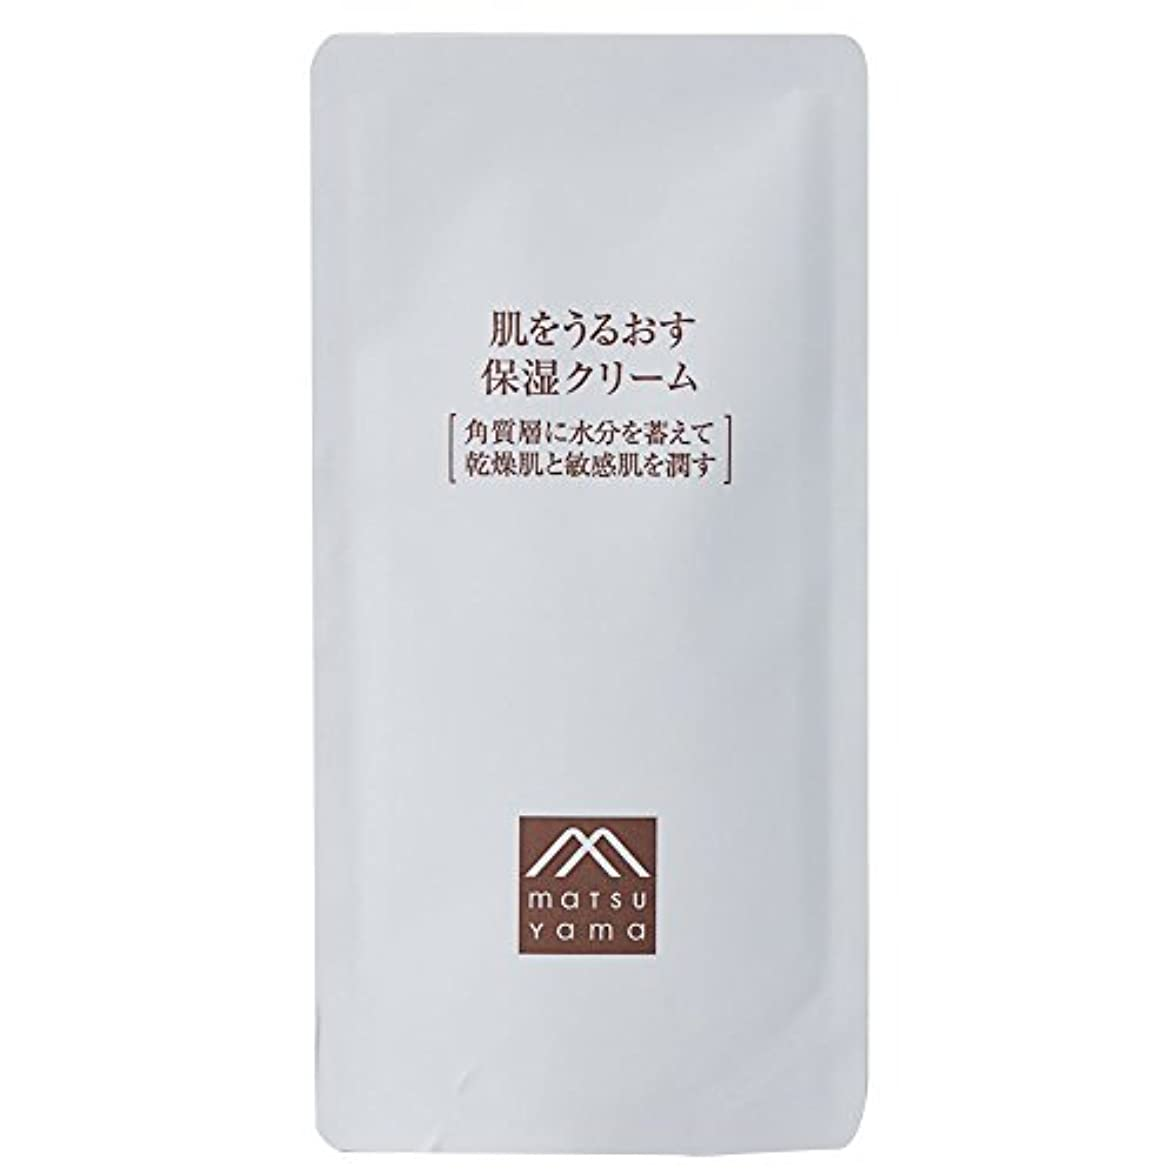 ショッキングケーブル篭肌をうるおす保湿クリーム 詰替用(クリーム) 濃厚クリーム [乾燥肌 敏感肌]